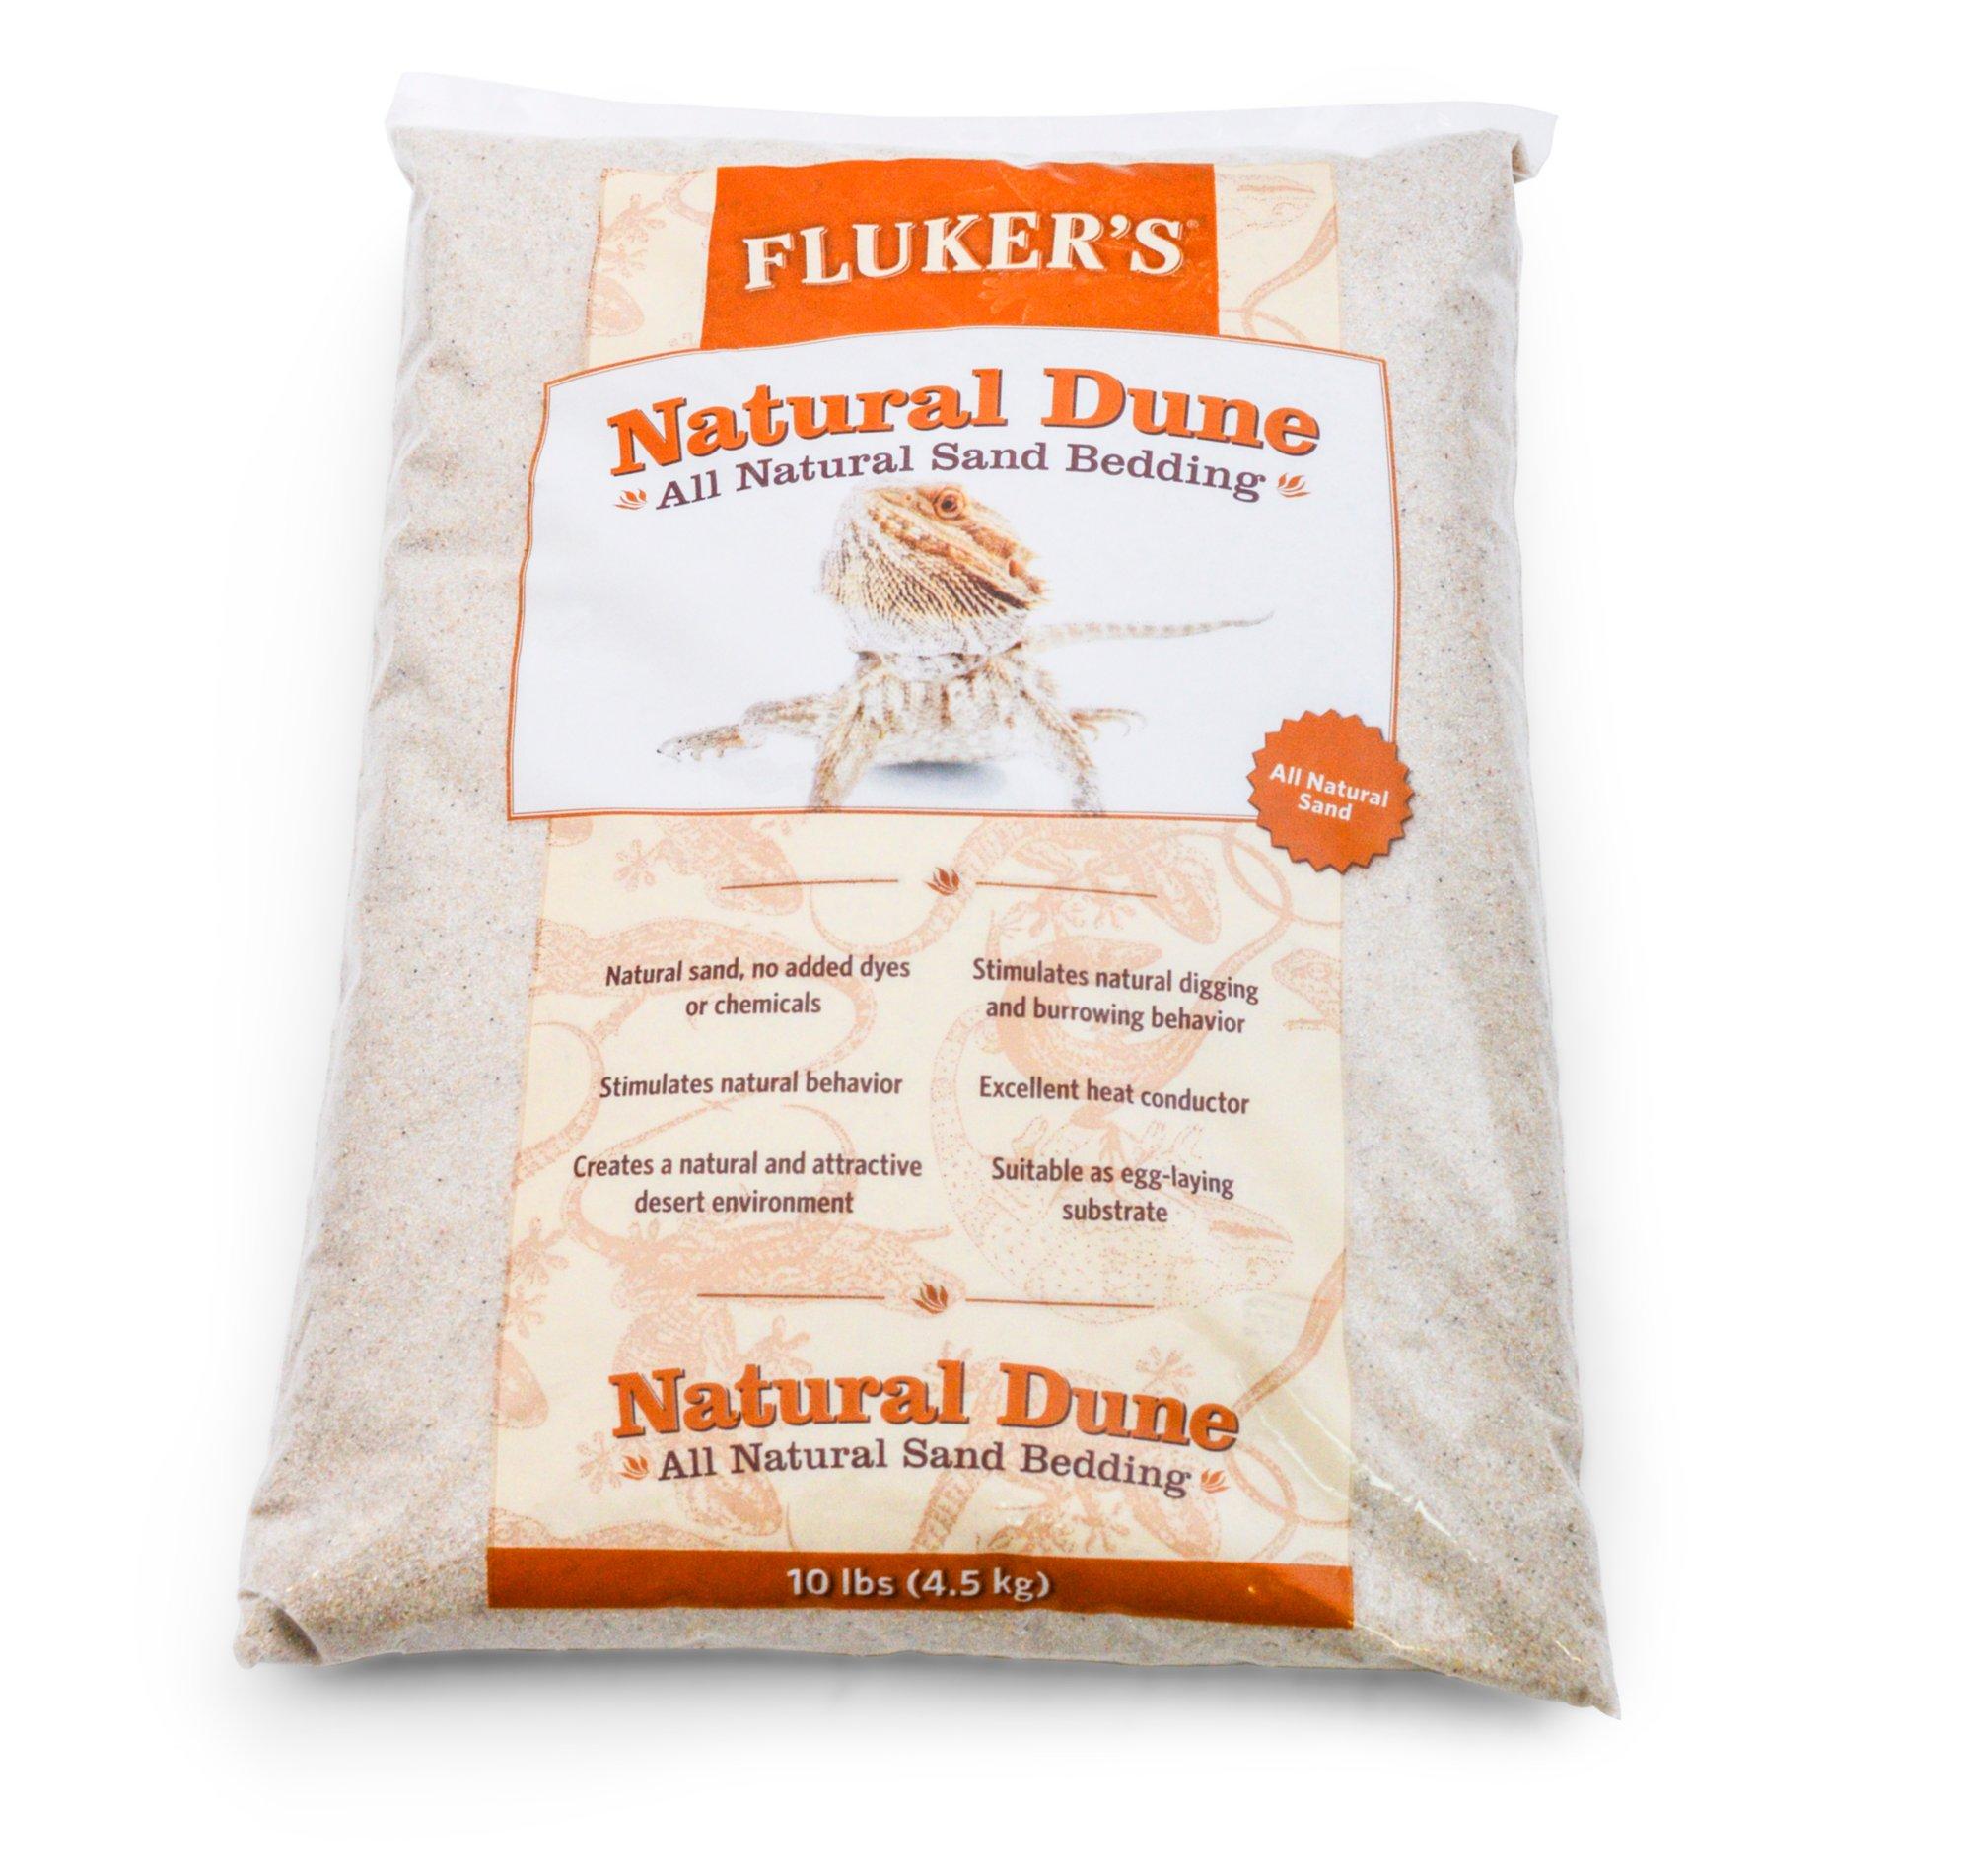 Fluker's Natural Reptile Sand Bedding